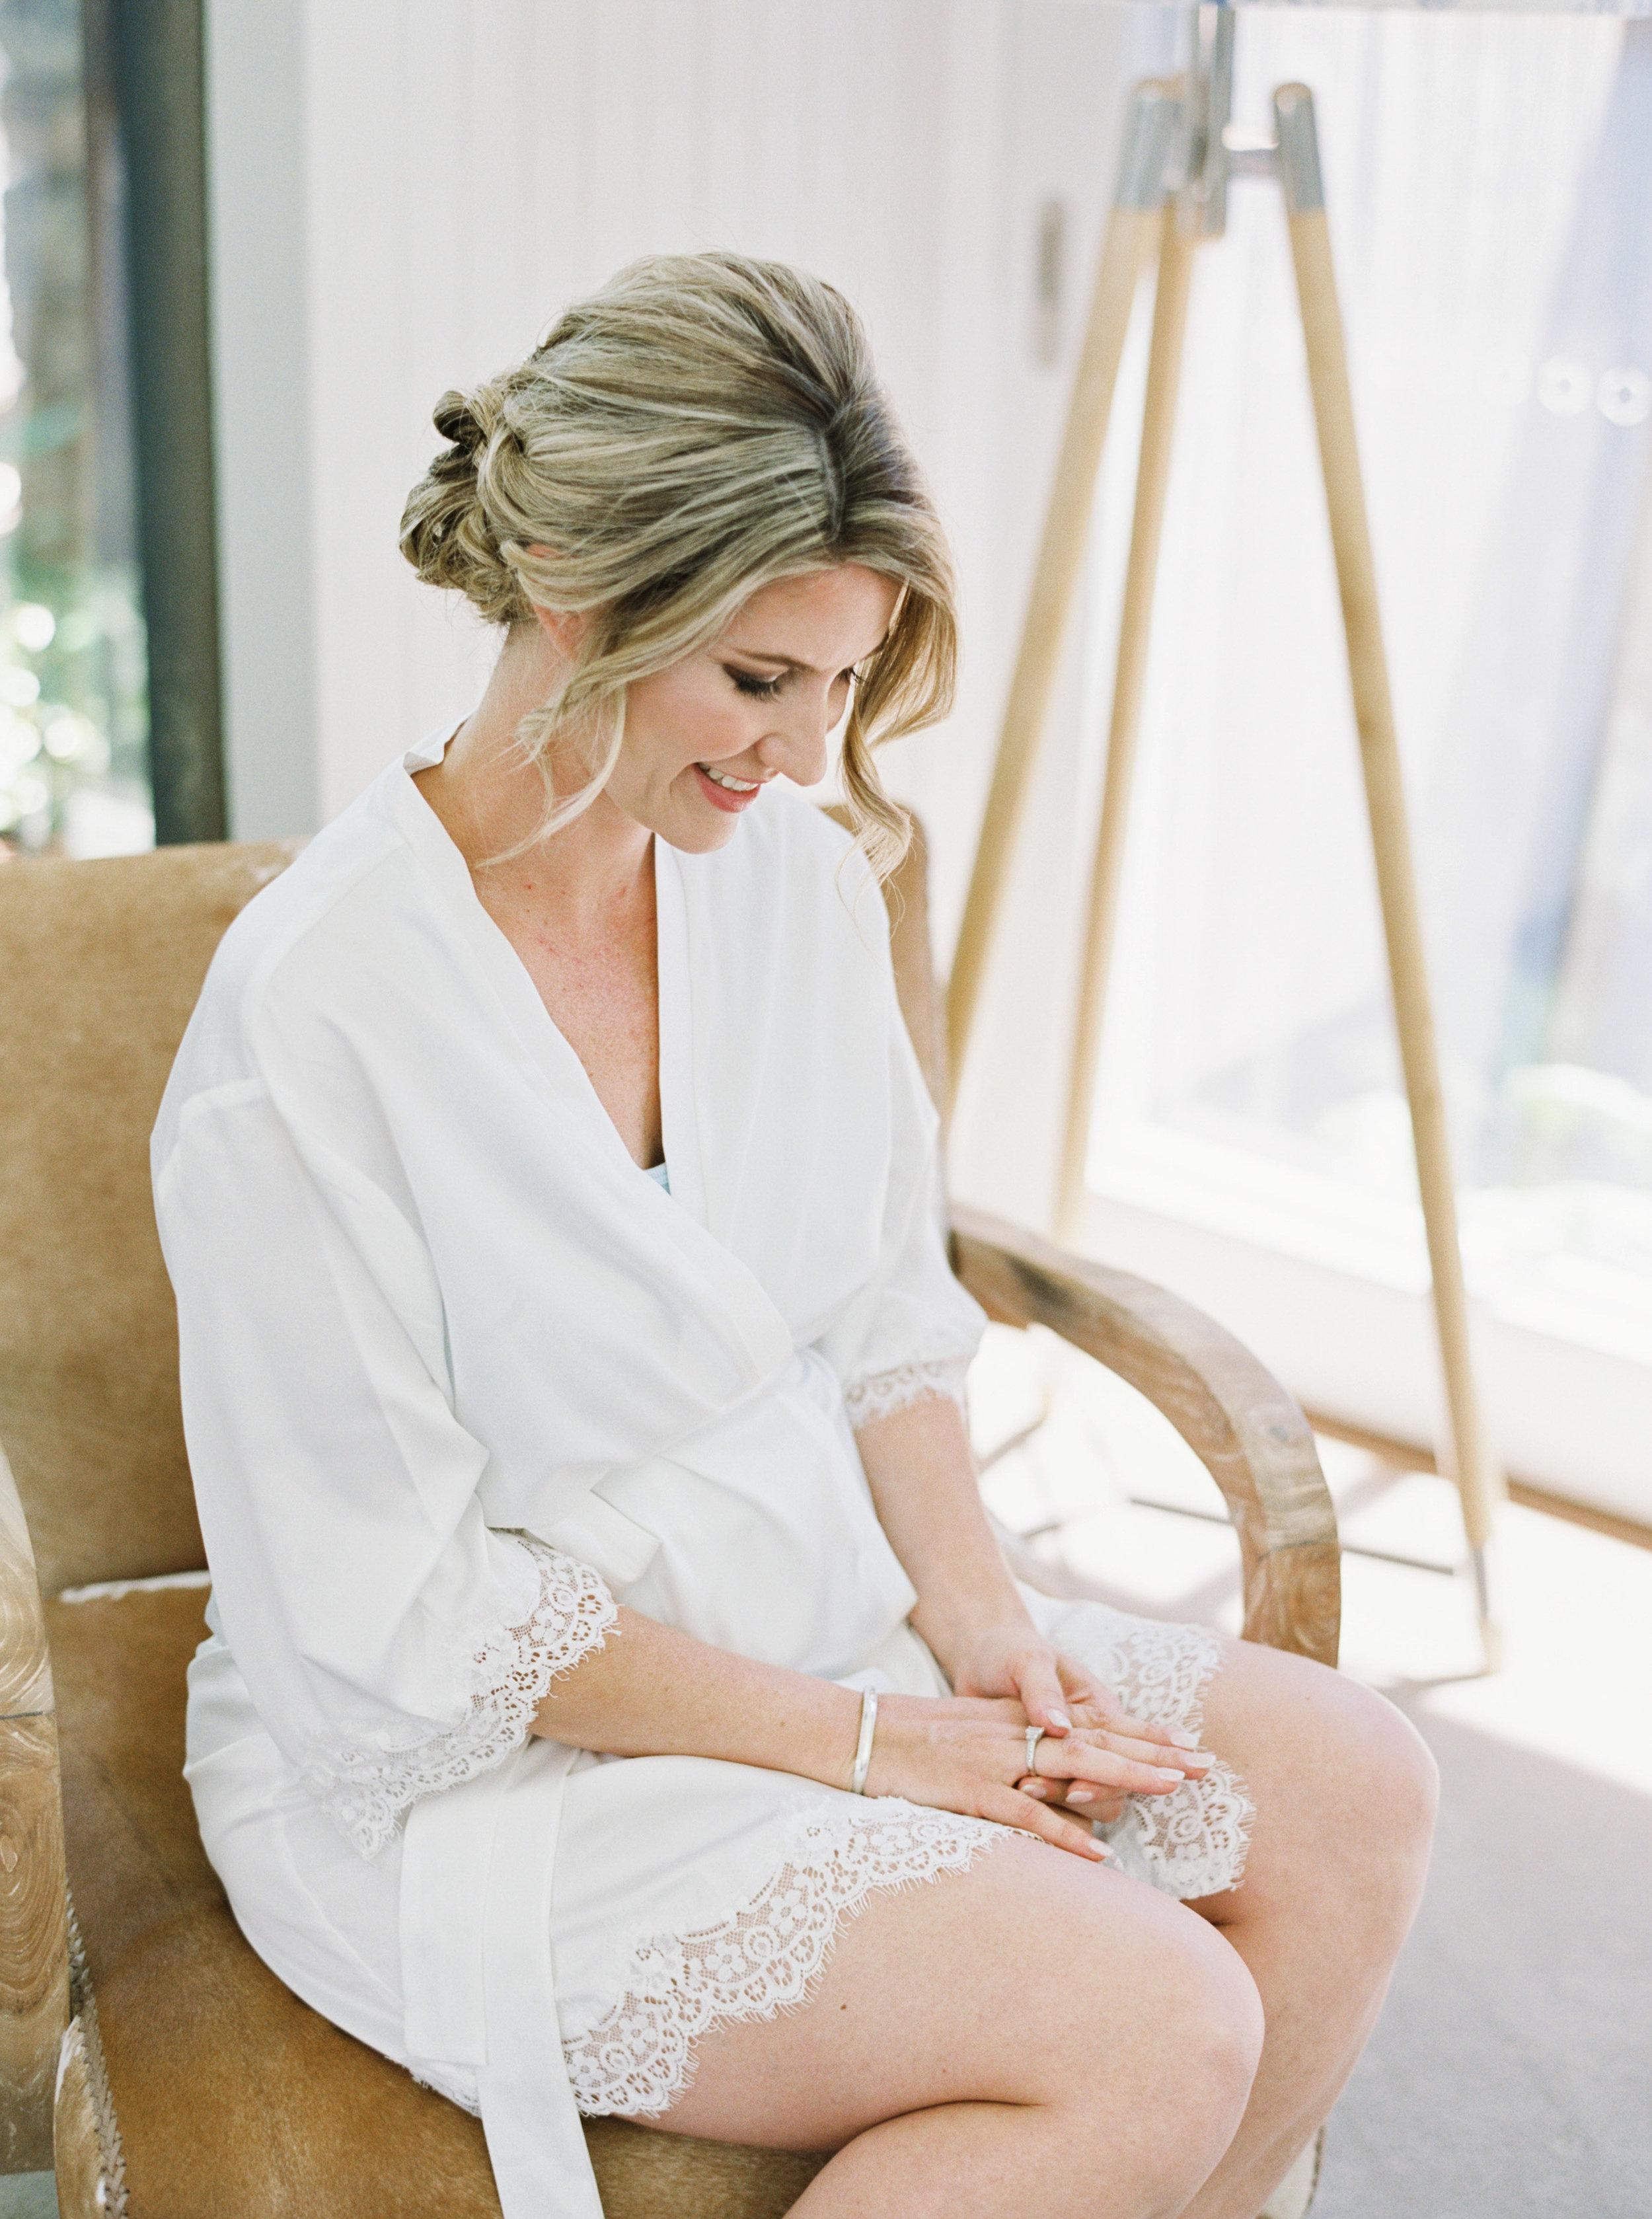 Goonoo Goonoo Station Wedding Photographer Sheri McMahon - NSW wedding venue Goonoo Goonoo Station - Luxury Wedding Venues Australia